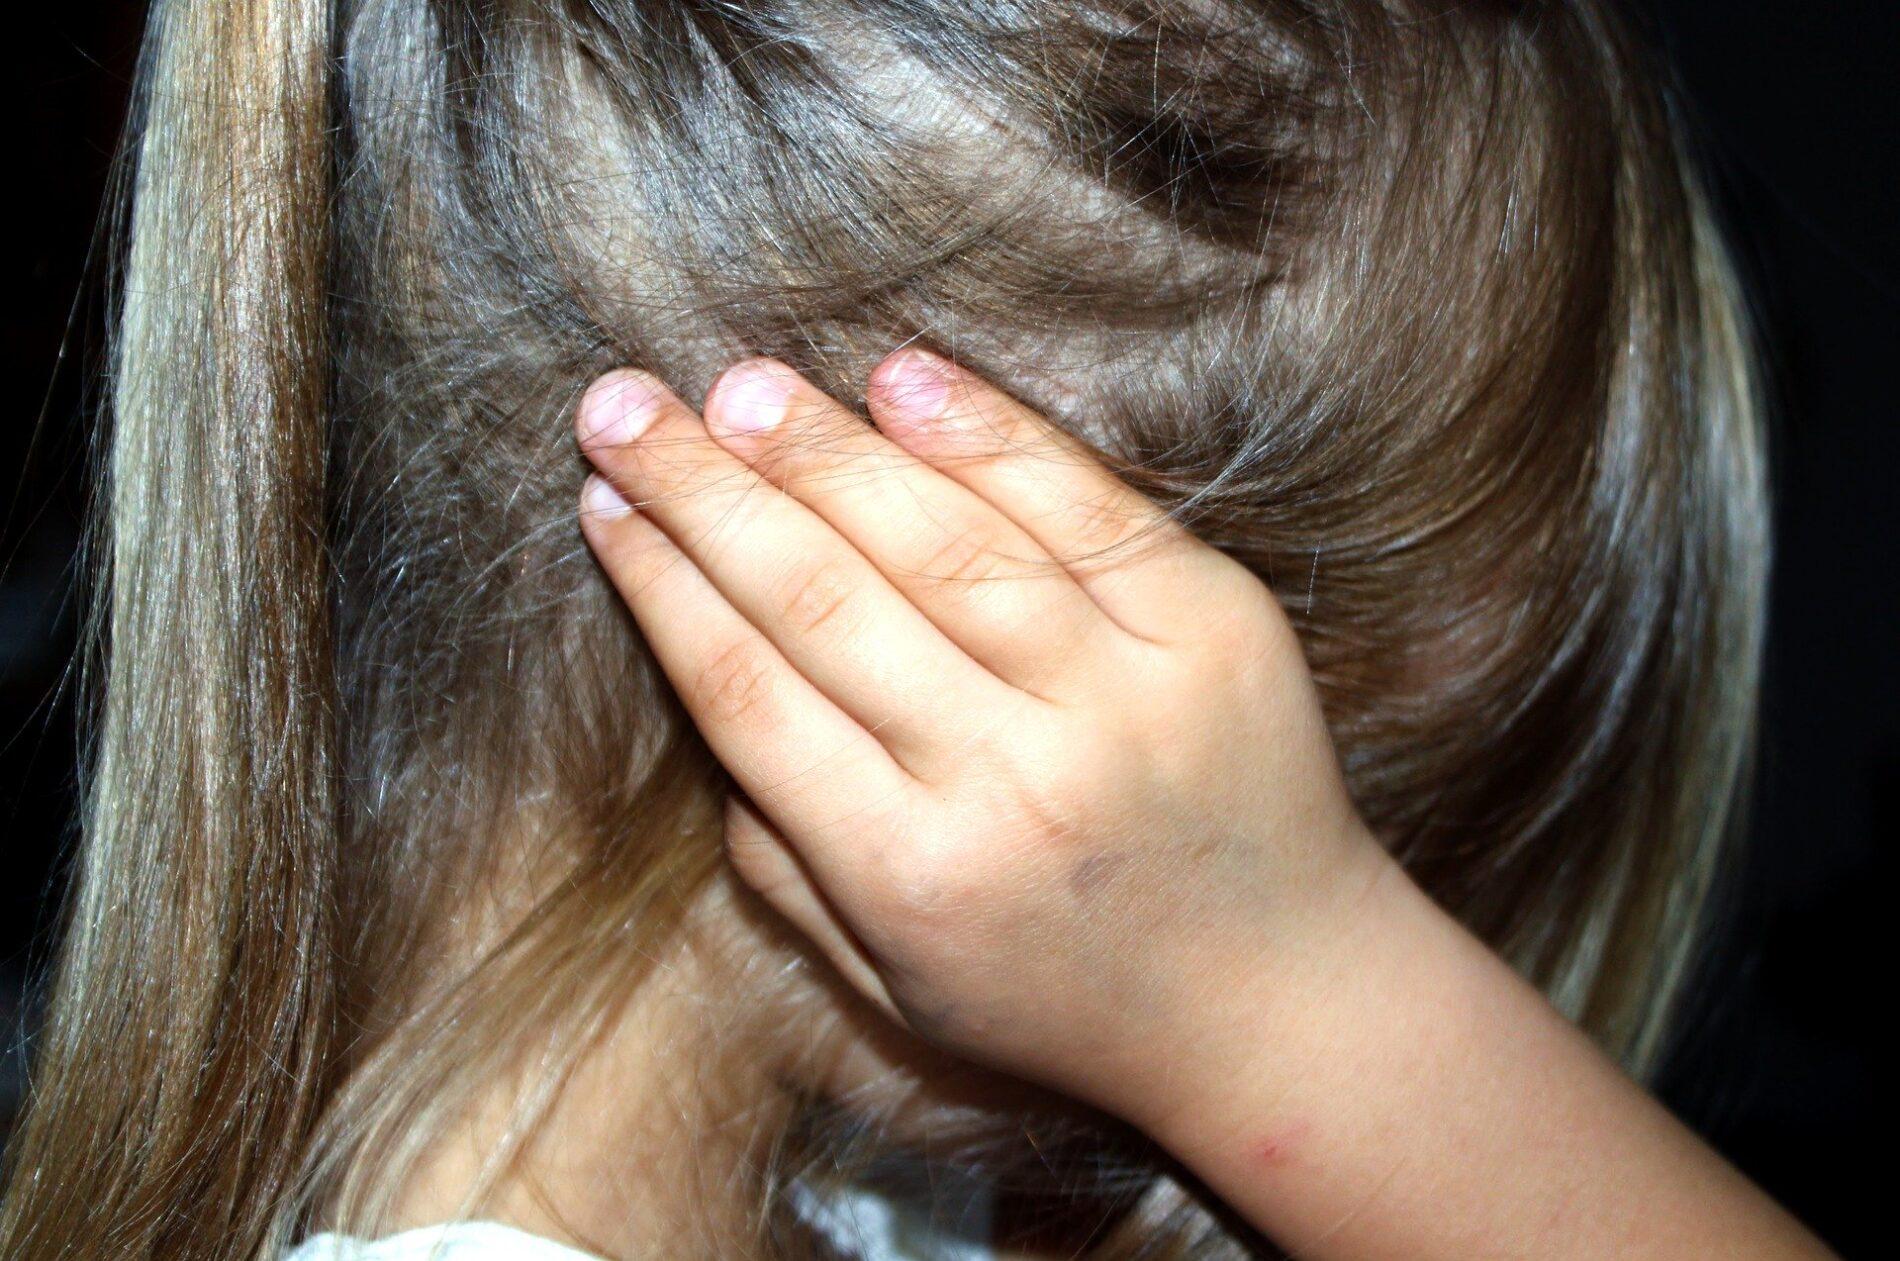 La violencia intrafamiliar en Colombia: una pandemia silenciosa